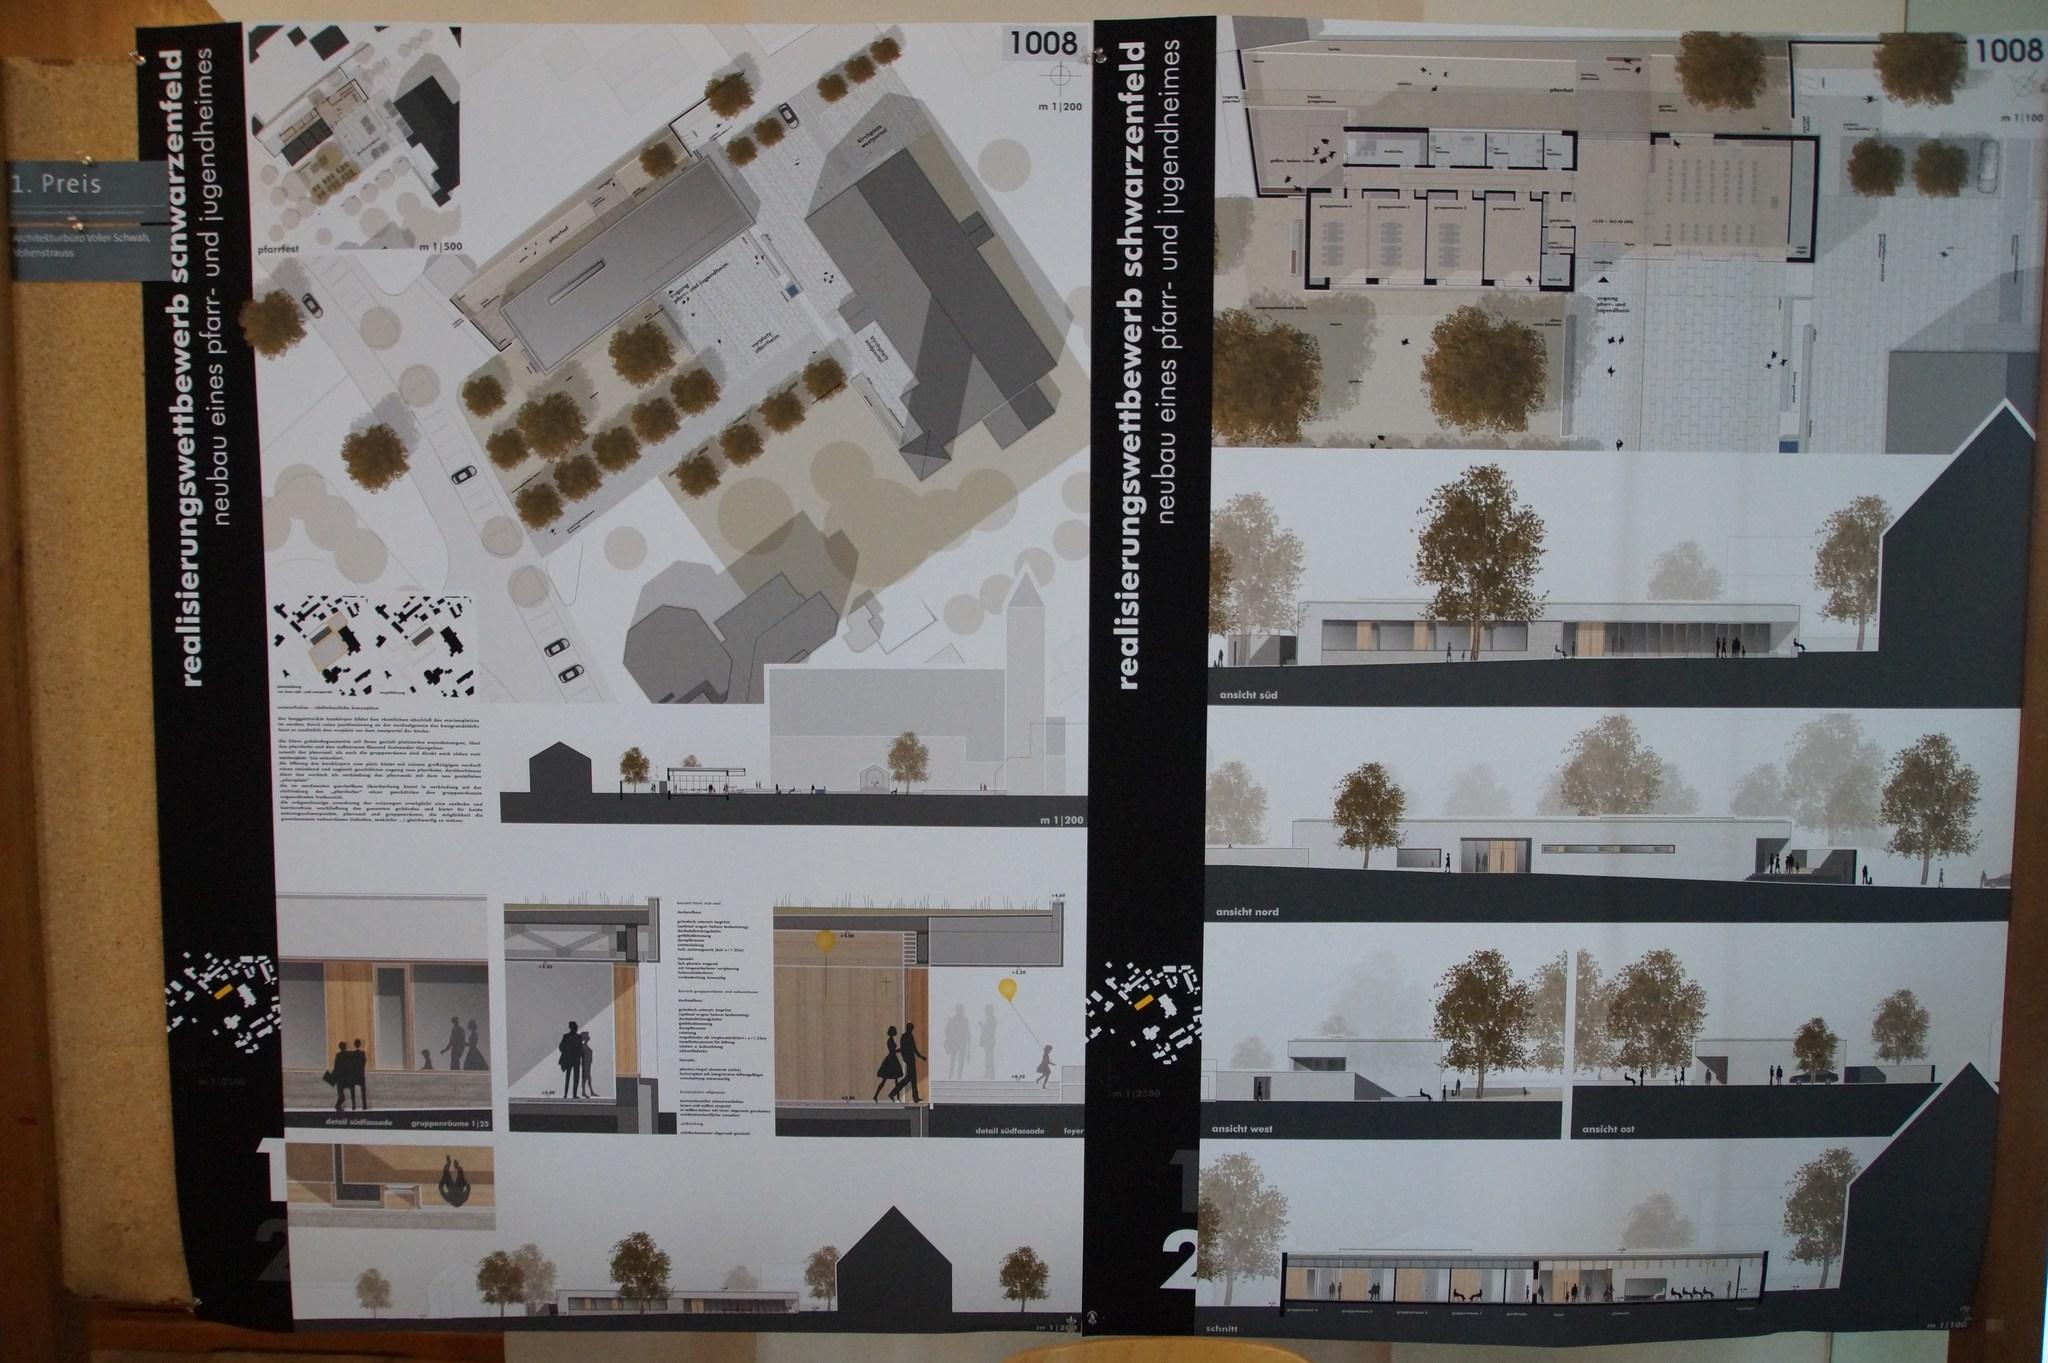 20160617-Pfarrheim Schwarzenfeld-1.Preis-Volker Schwab Vohenstrauss-Gesamtplan